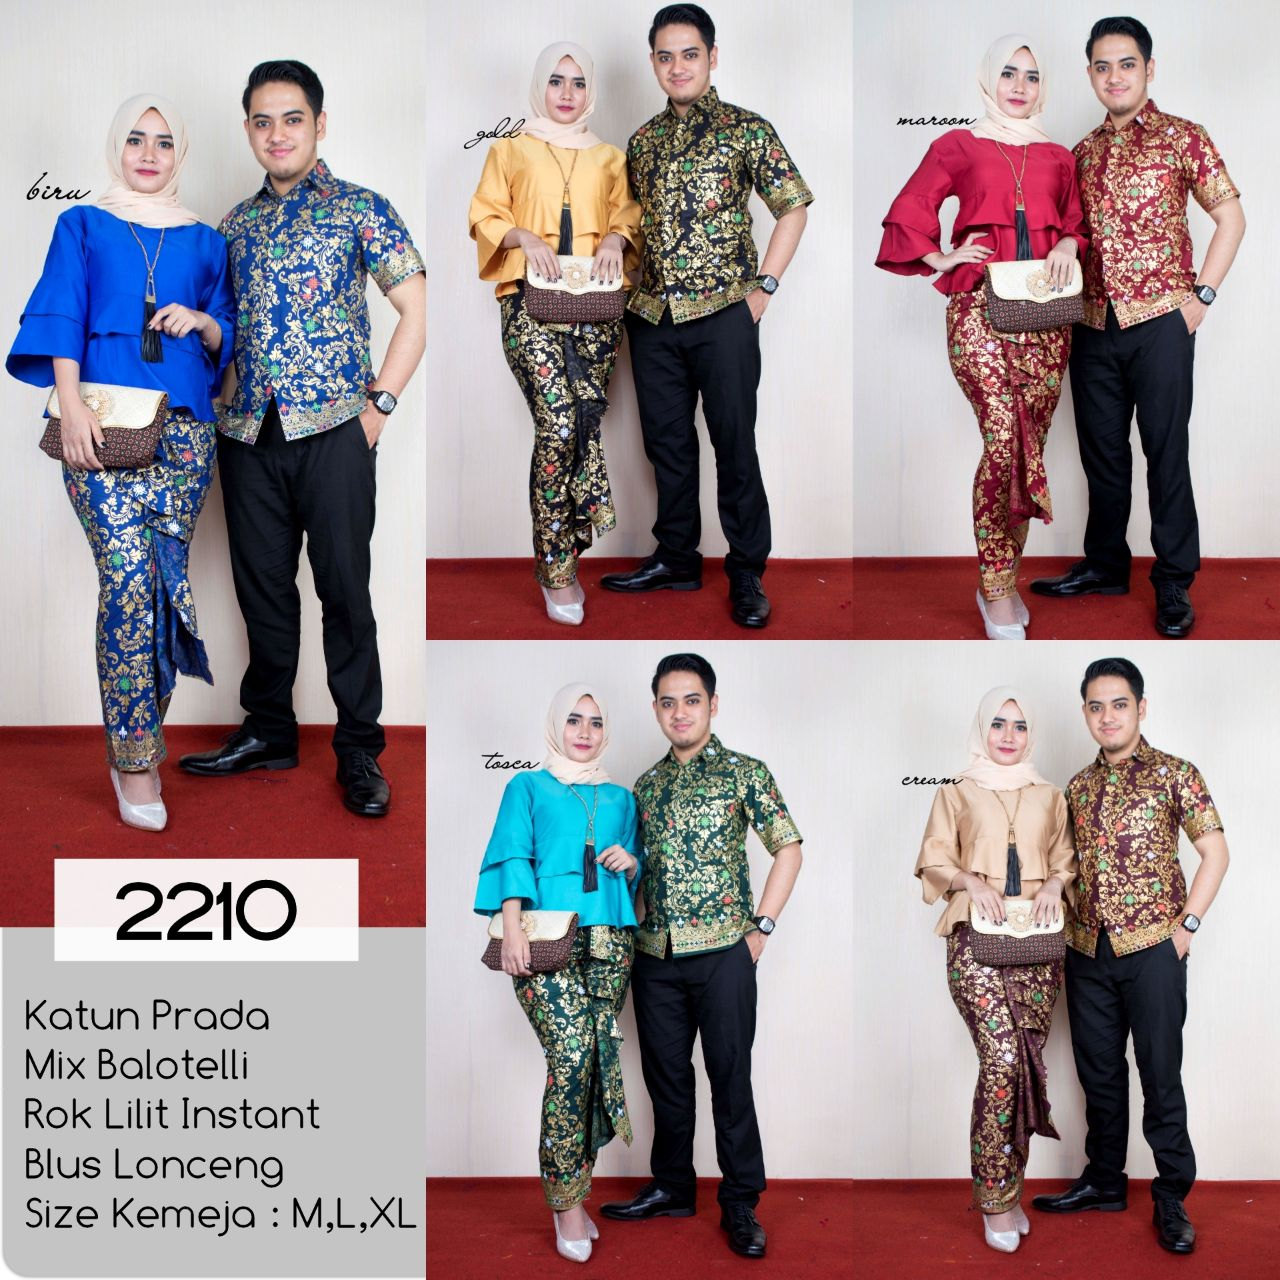 Baju Batik Couple Model Setelan Rok Dan Blus Lengan Lonceng T2210